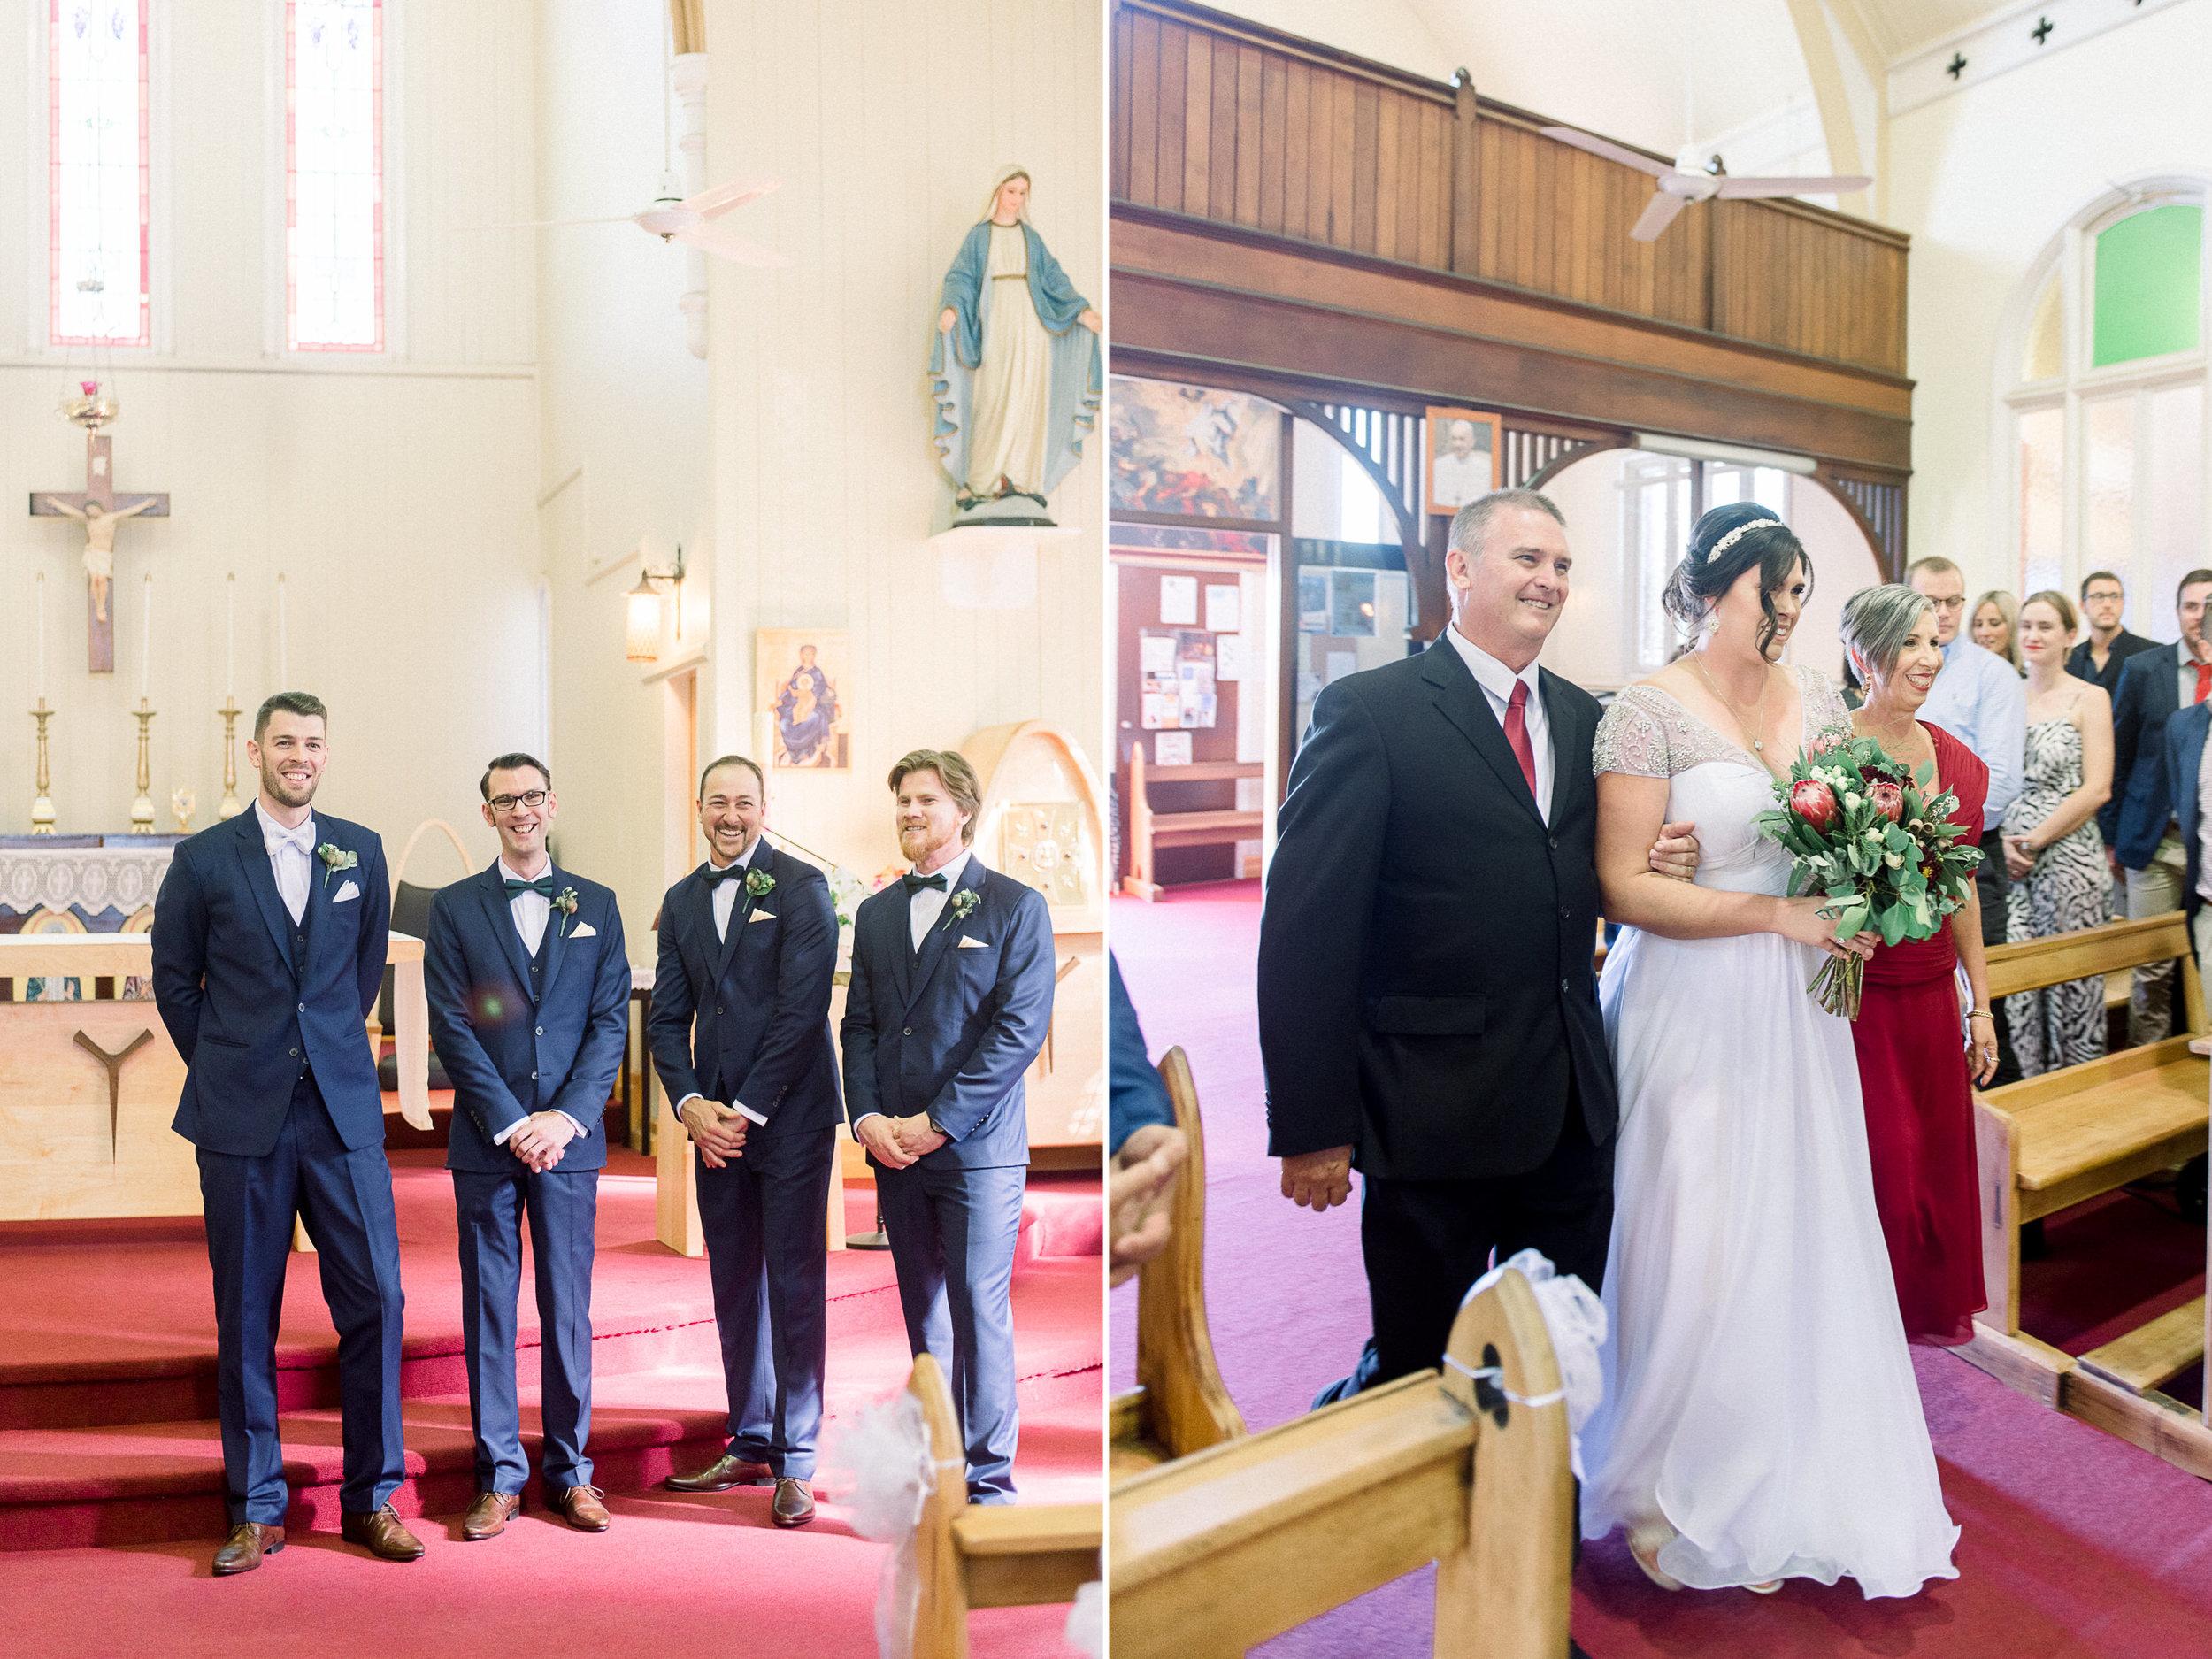 brisbane-city-wedding-photography-church-wedding-2.jpg